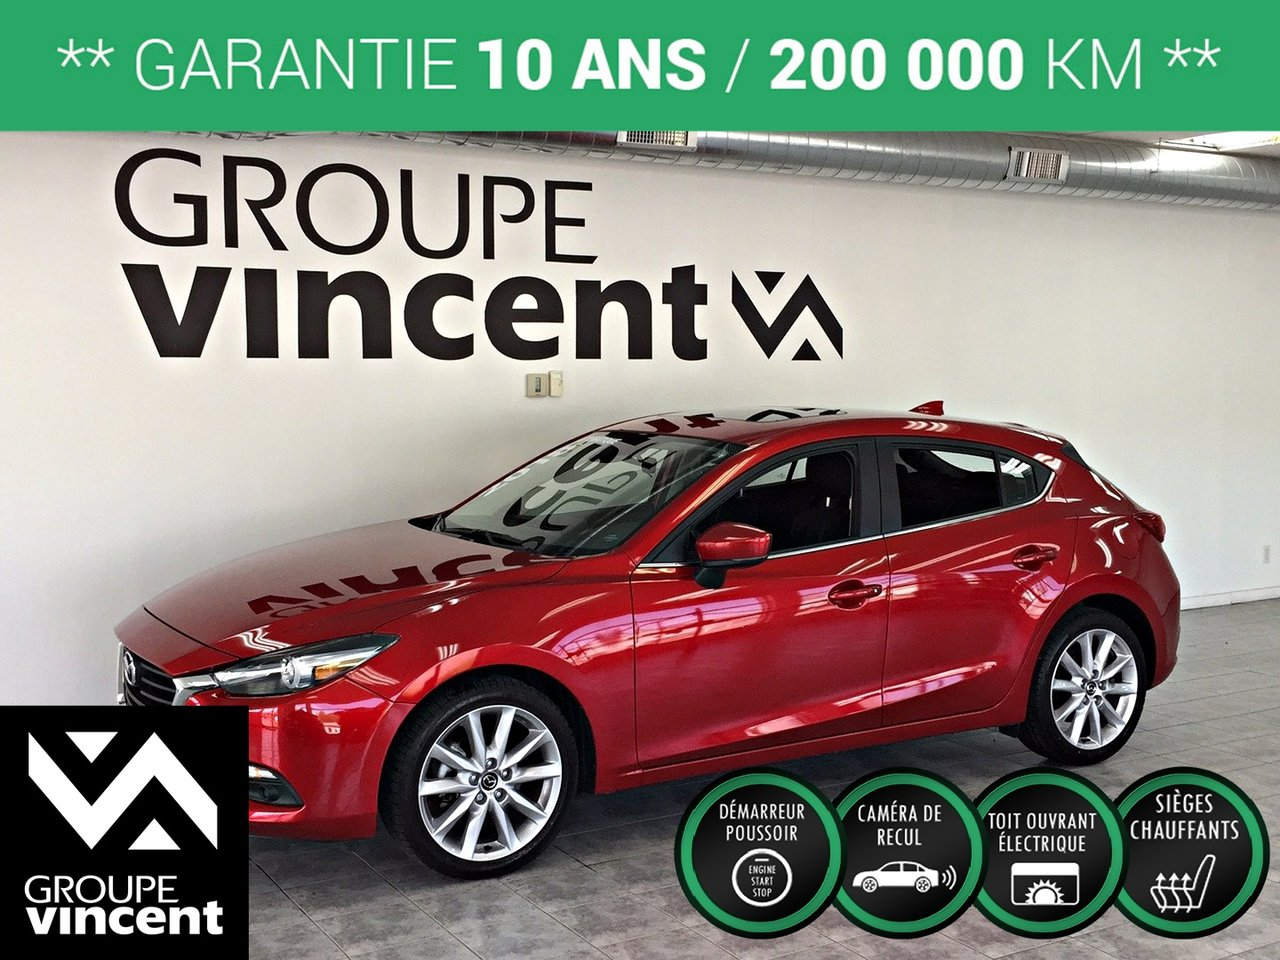 2018 Mazda  Mazda3 SPORT GT GPS TOIT OUVRANT ** GARANTIE 10 ANS